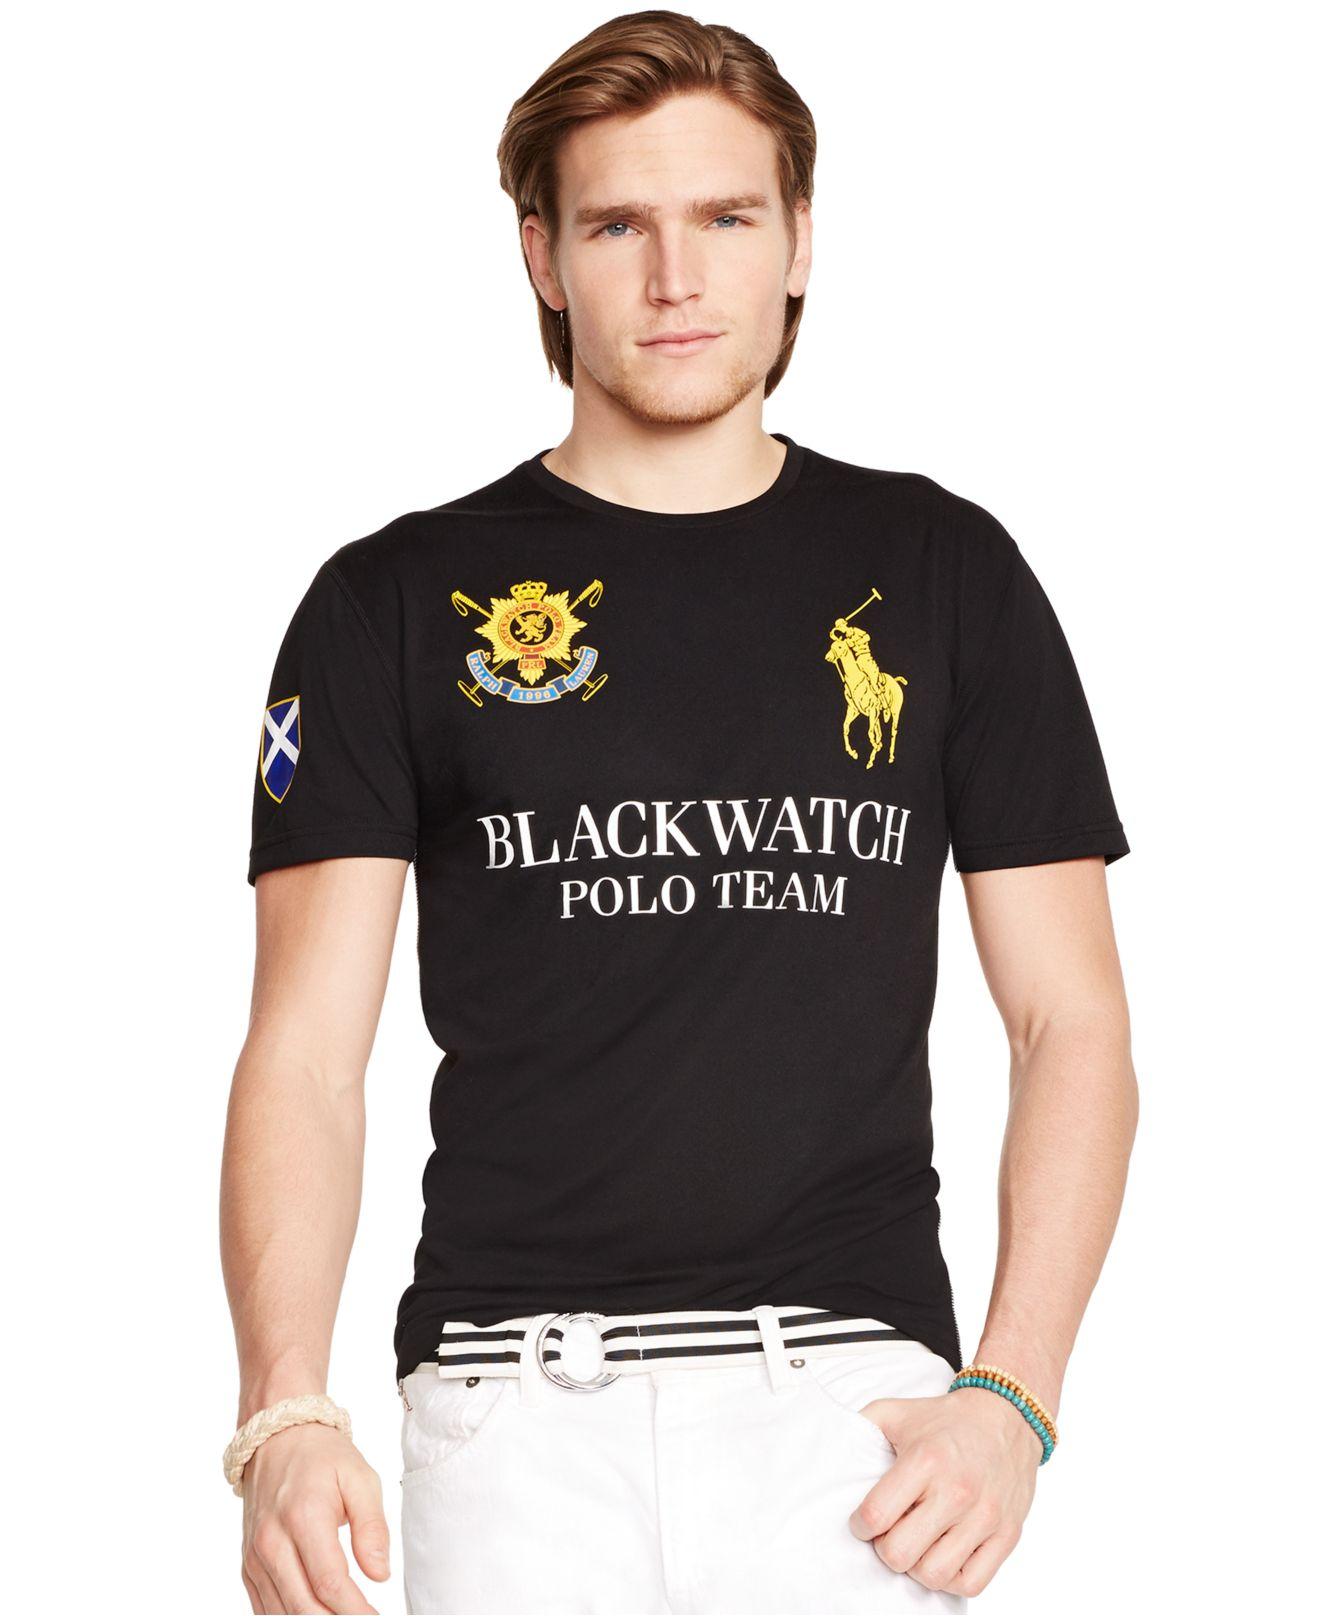 ralph lauren polo jersey shirt